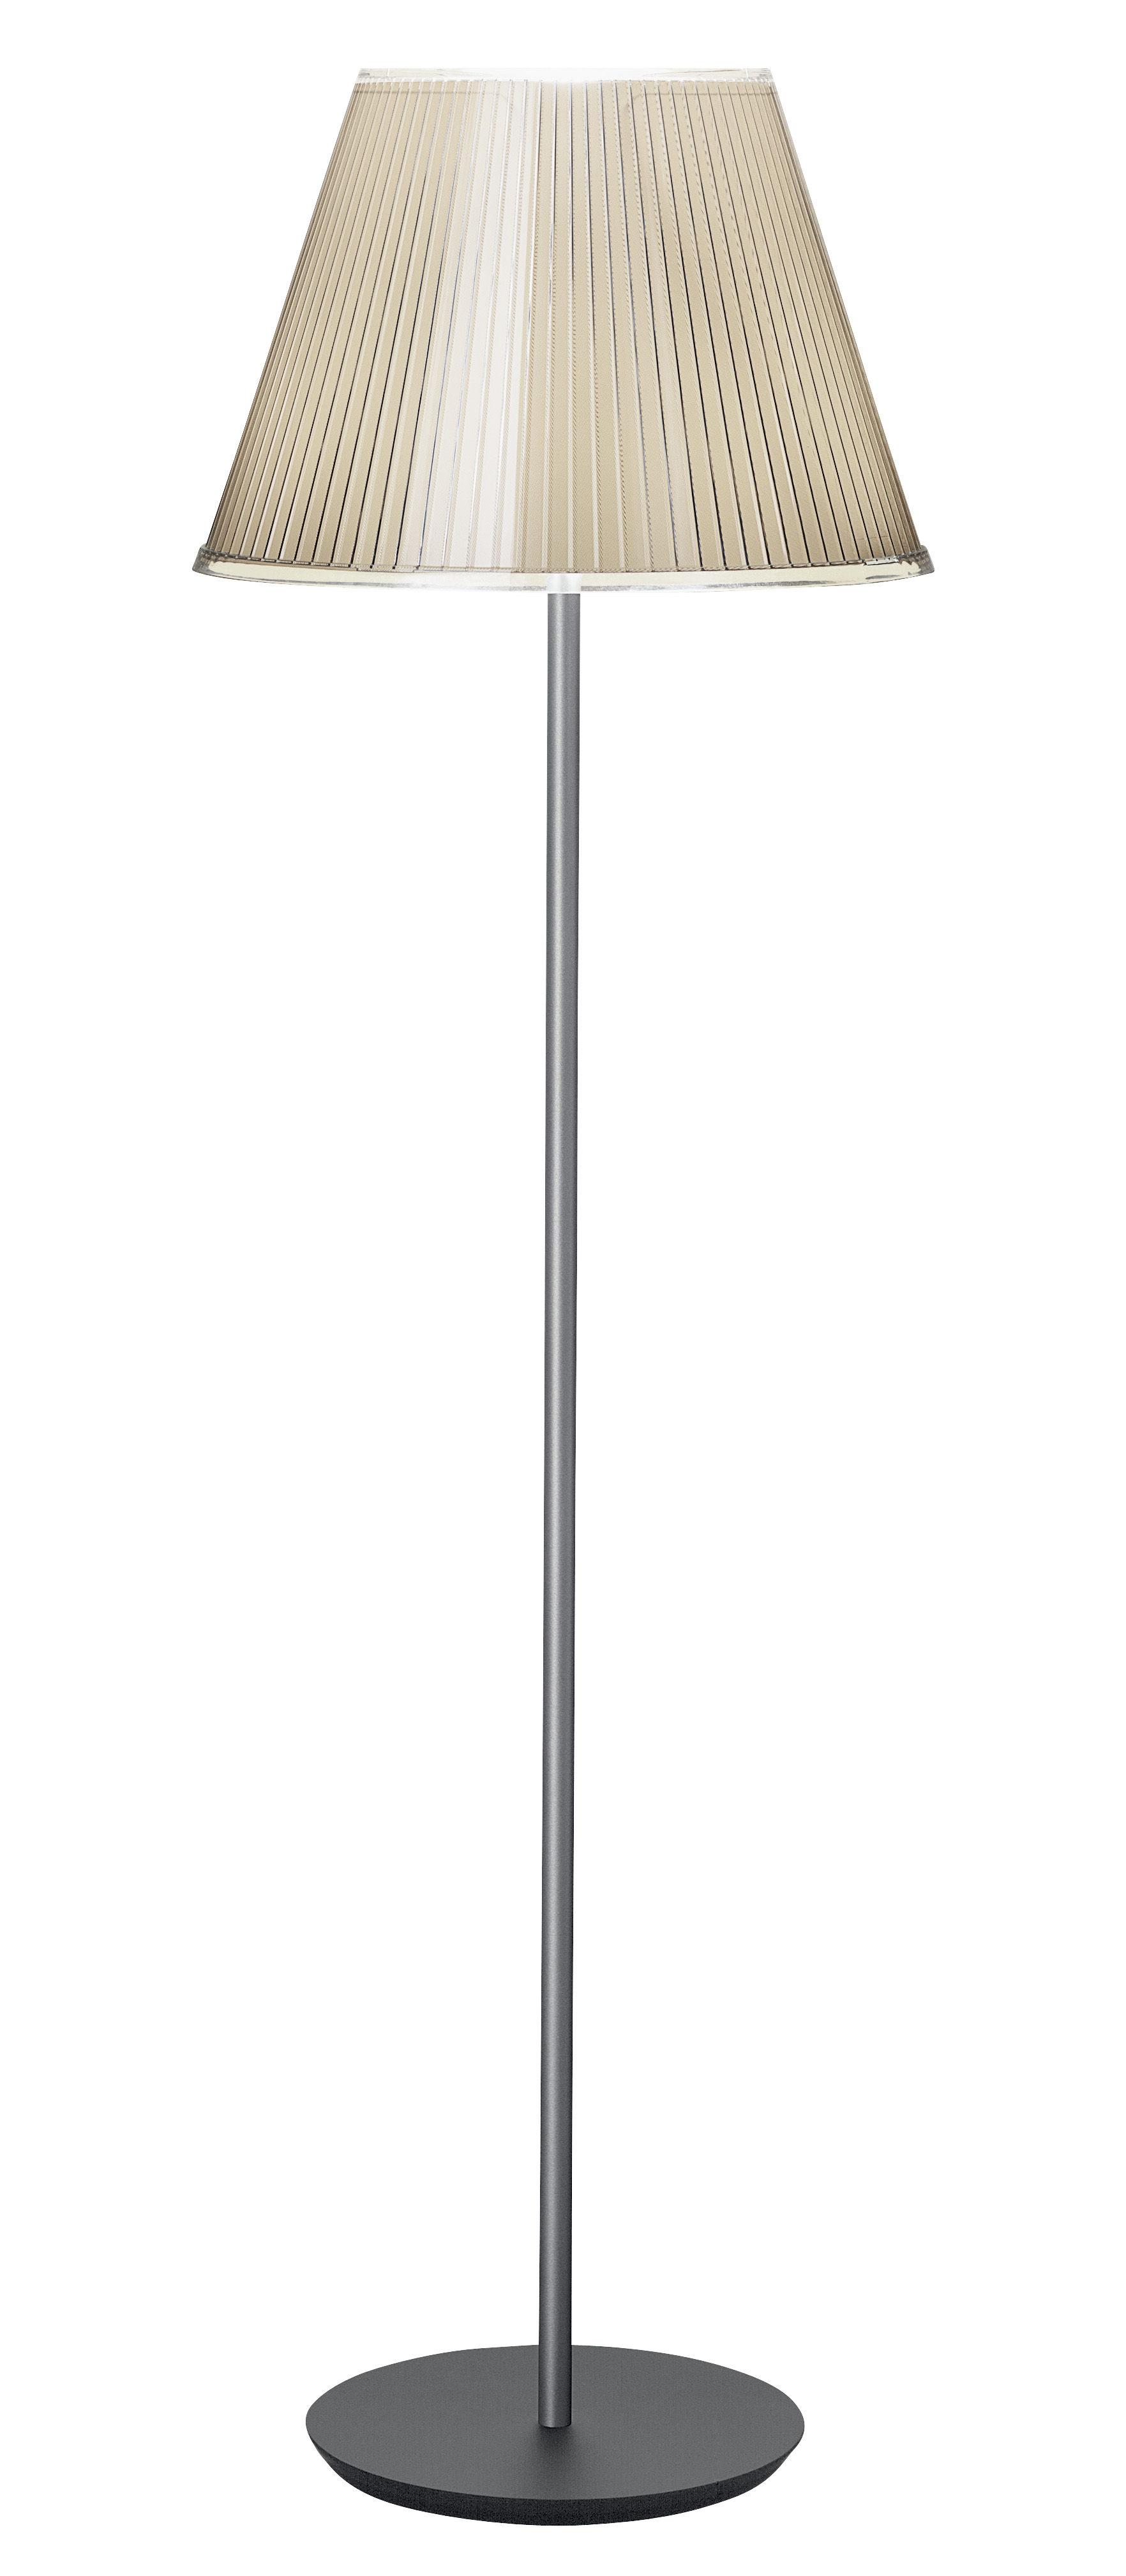 Luminaire - Lampadaires - Lampadaire Choose H 140 cm / Version halogène - Artemide - Beige / Halogène - Métal, Papier parchemin, Polycarbonate